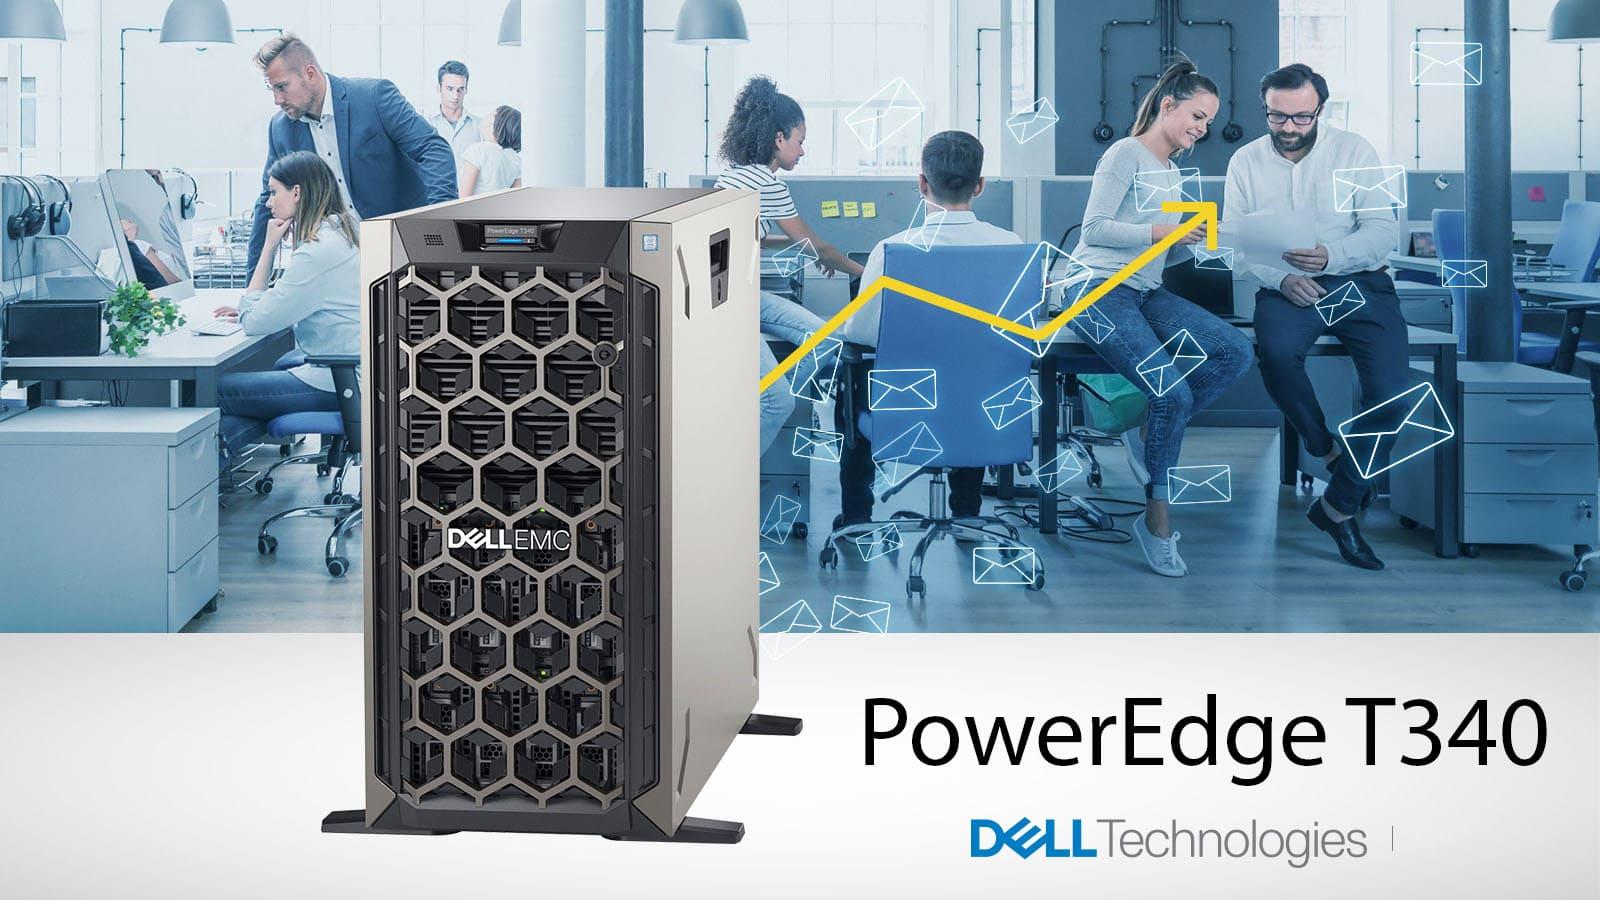 [CÔNG NGHỆ] DellEMC PowerEdge T340 - dòng máy chủ nên góp mặt trong hệ thống của các doanh nghiệp đang phát triển